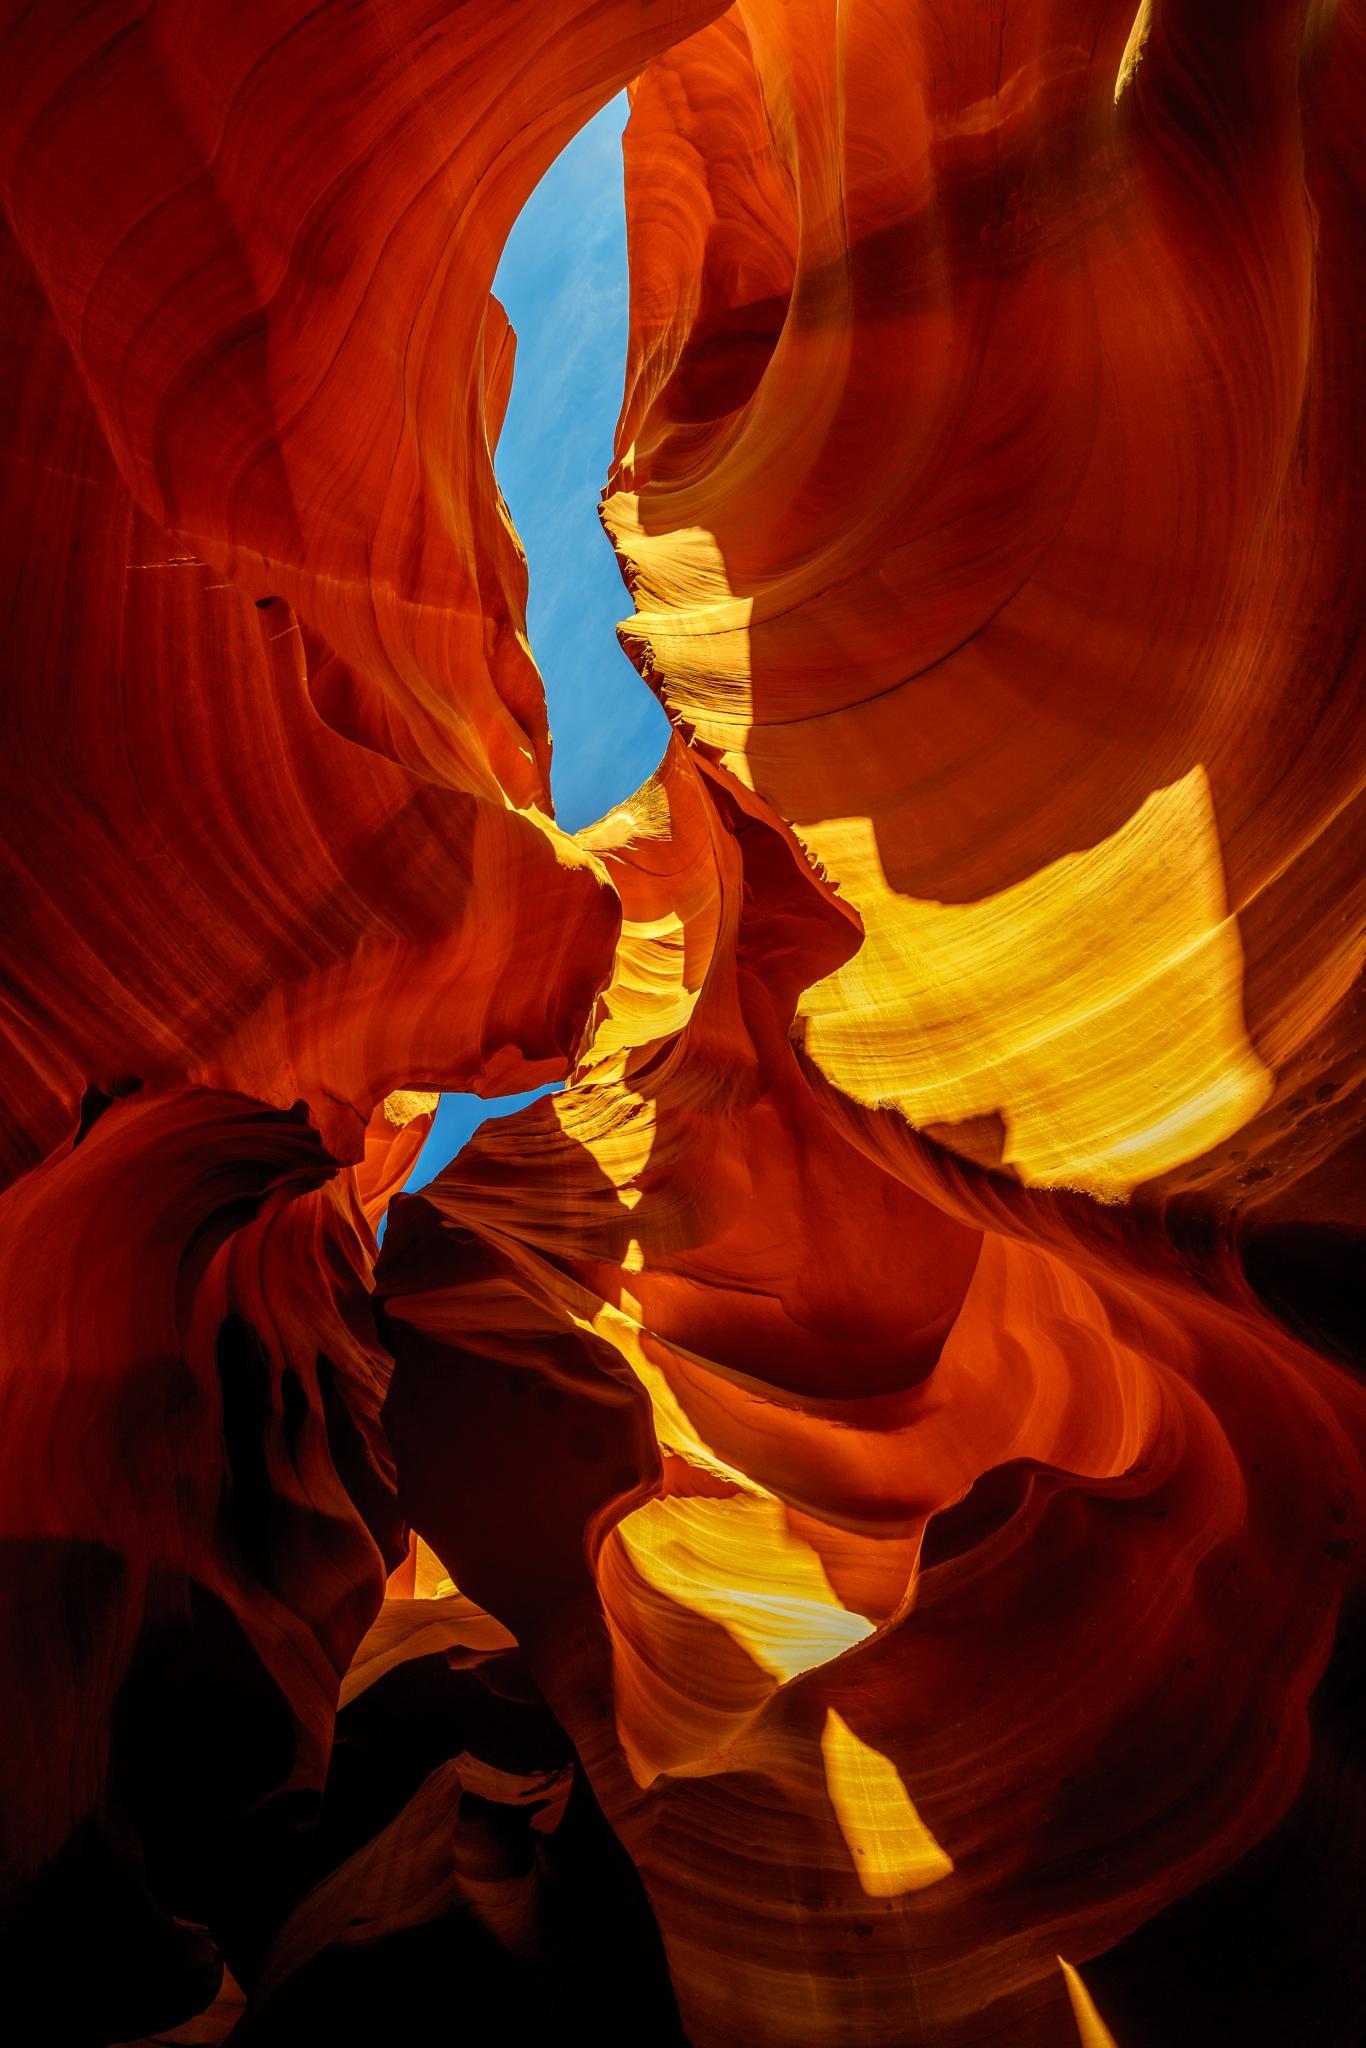 Antelope Canyon by David Guo